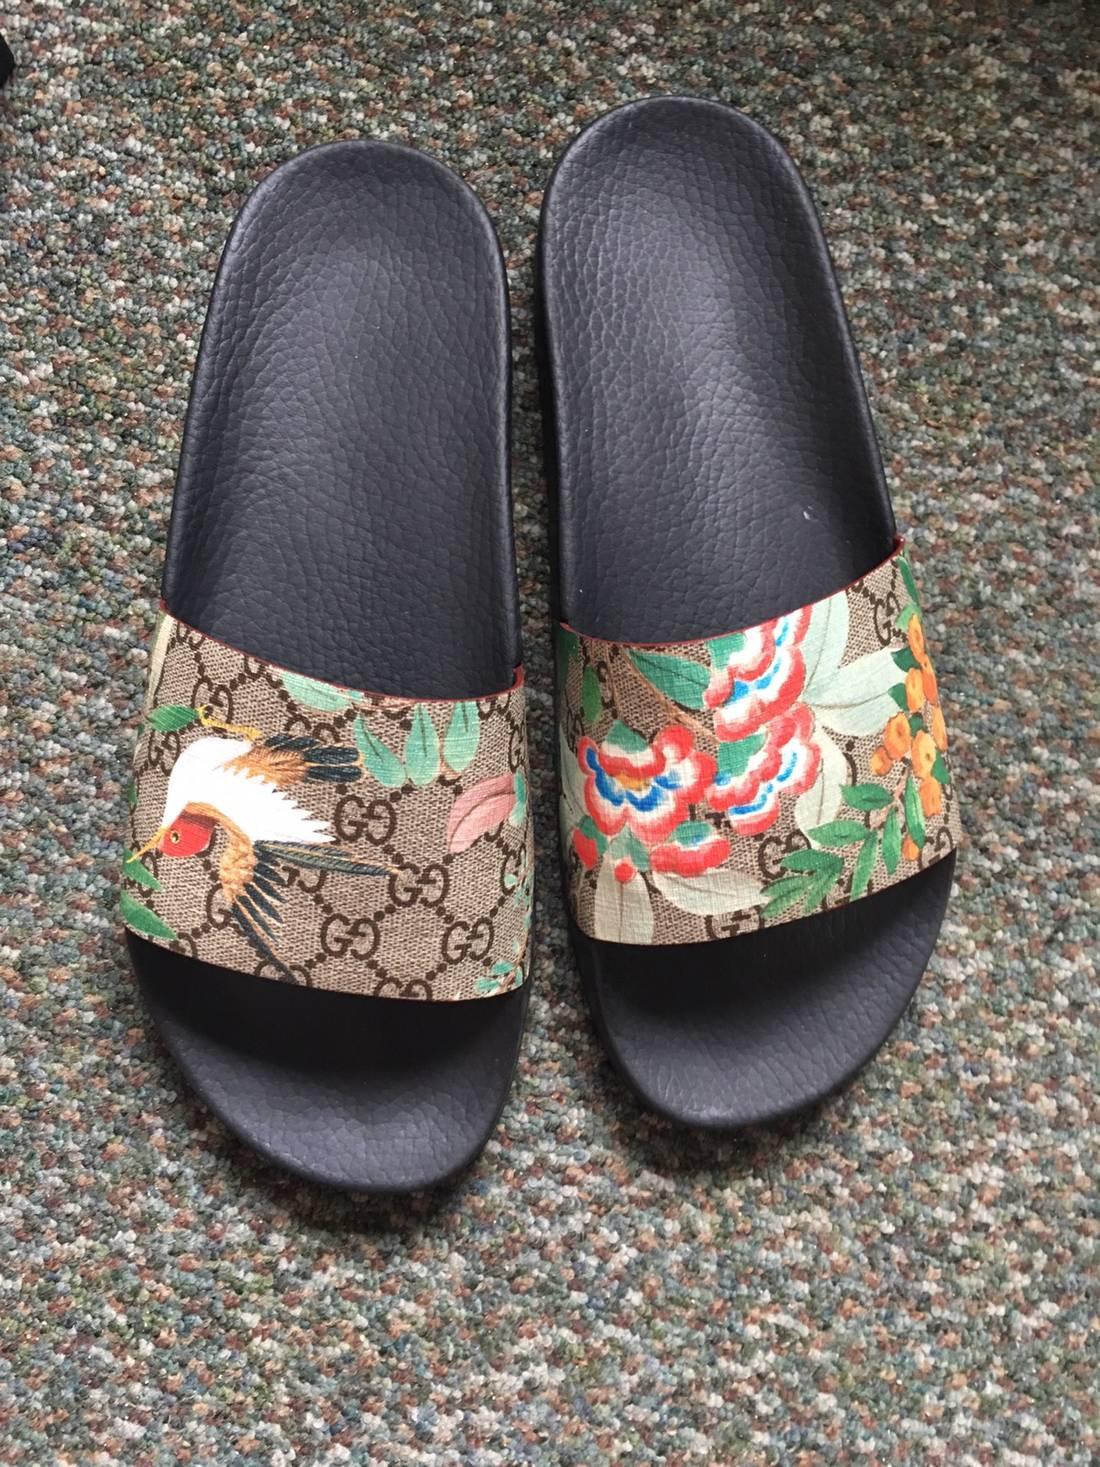 Gucci Multicolor GG Supreme Tian Slides